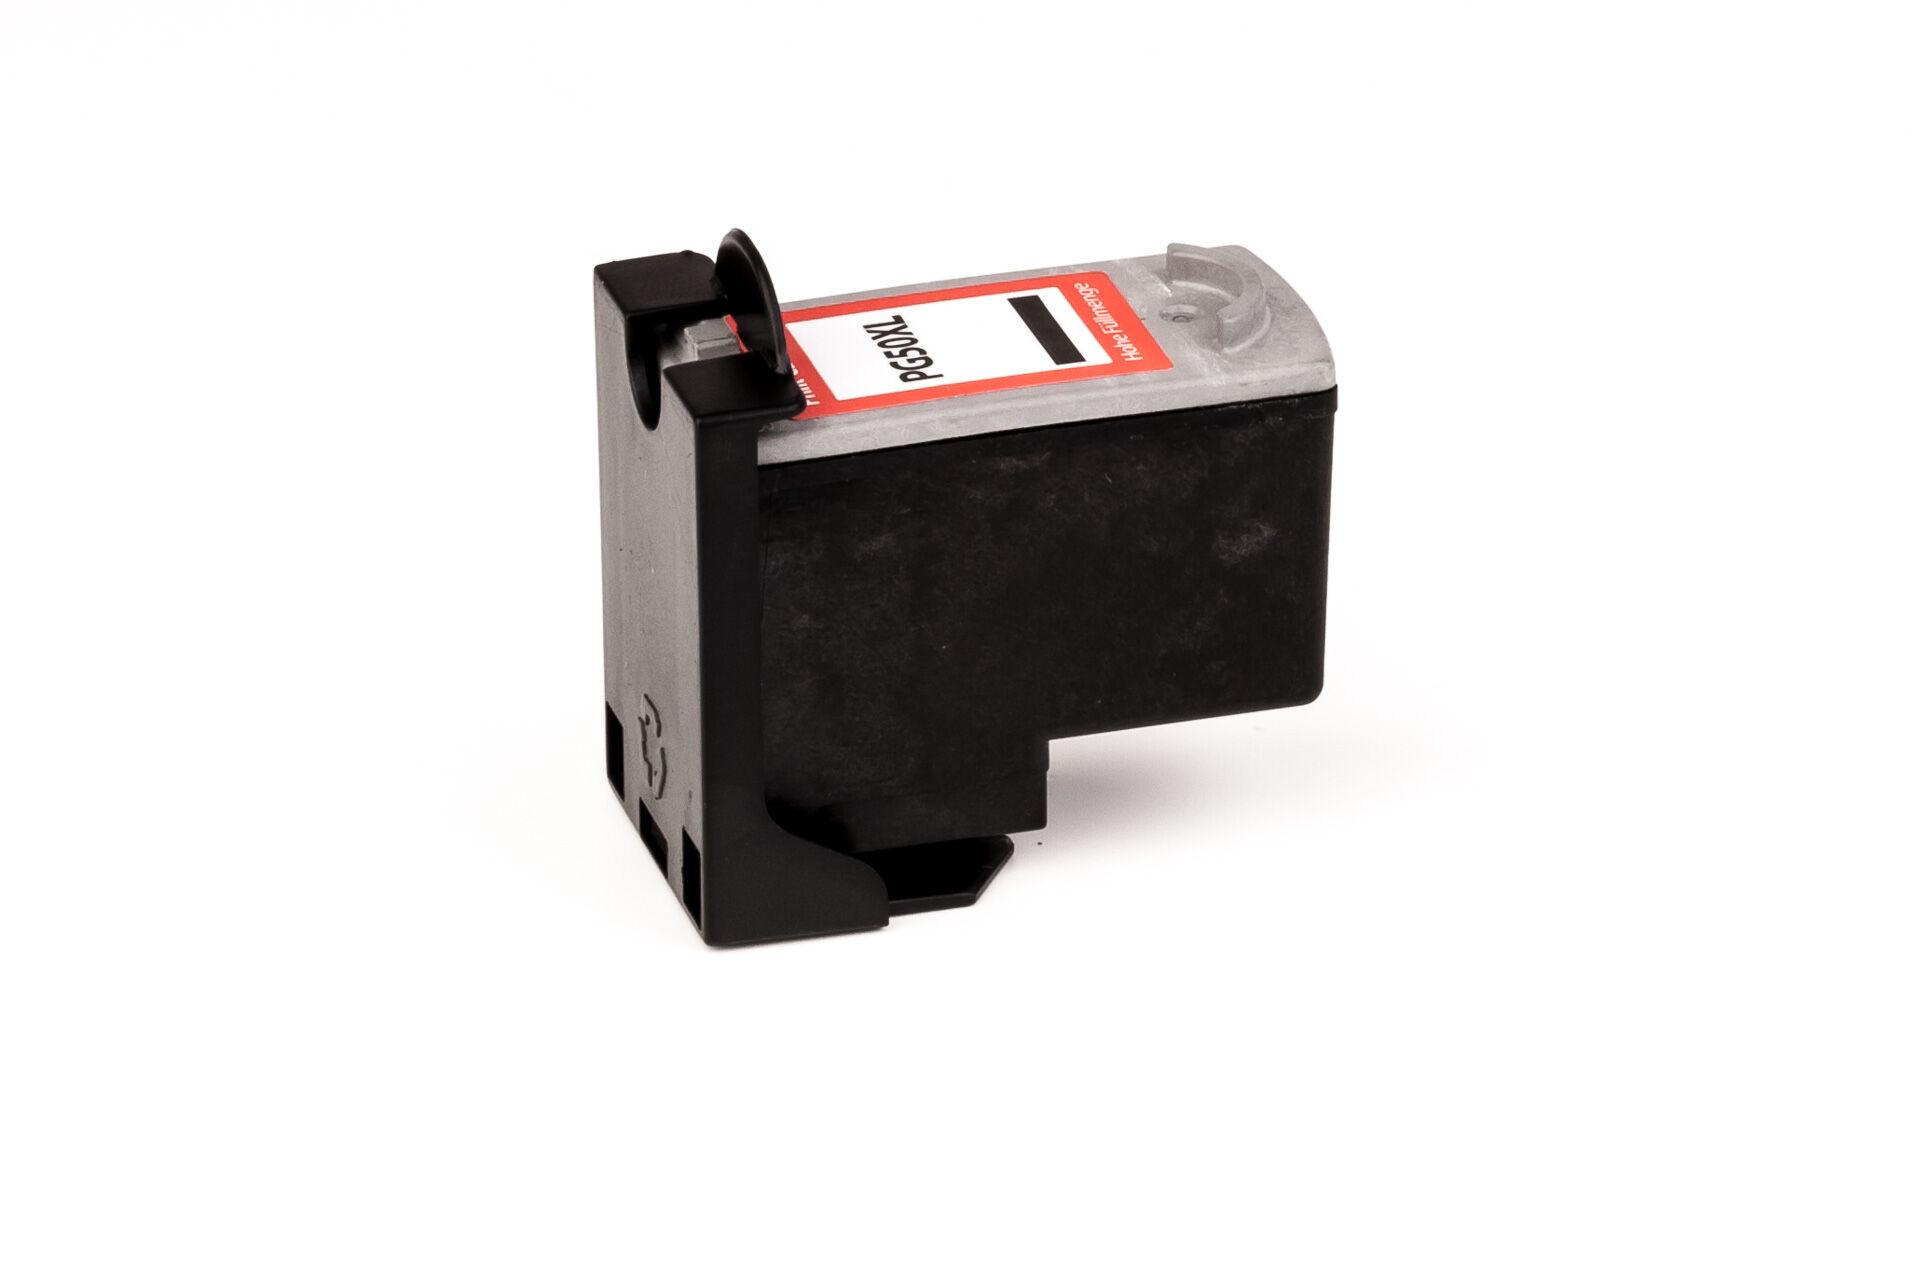 Canon Cartouche d'encre pour Canon 0616B001 / PG-50 noir compatible (de marque ASC)